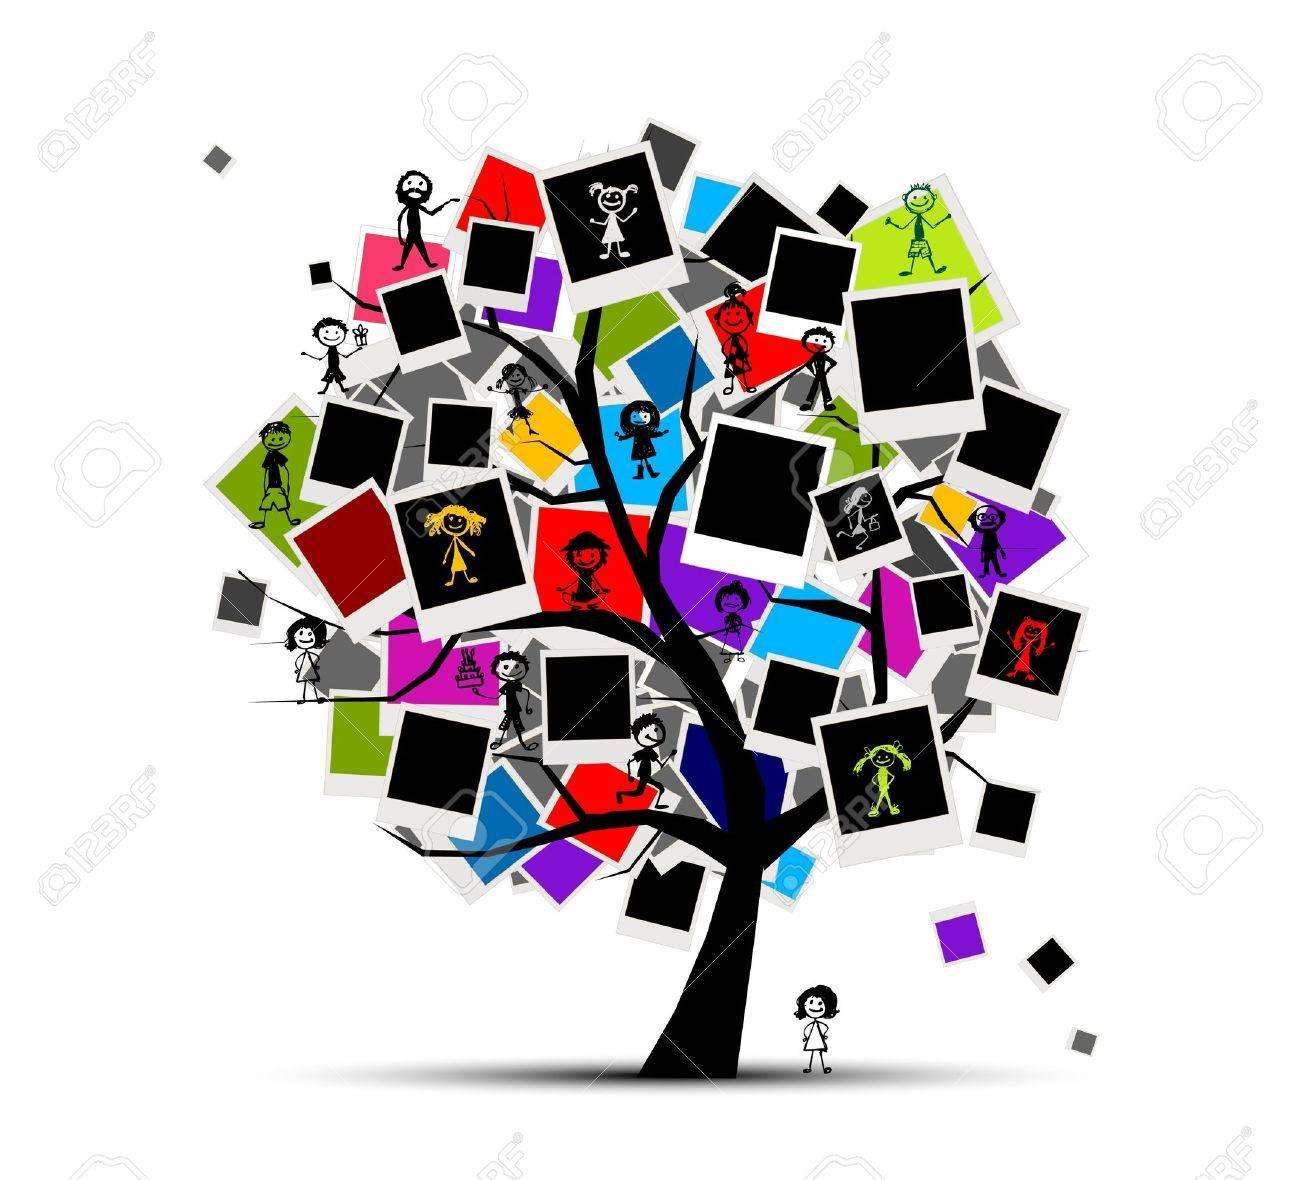 Erinnerungen Baum Mit Bilderrahmen Für Ihr Design, Legen Sie Ihr ...